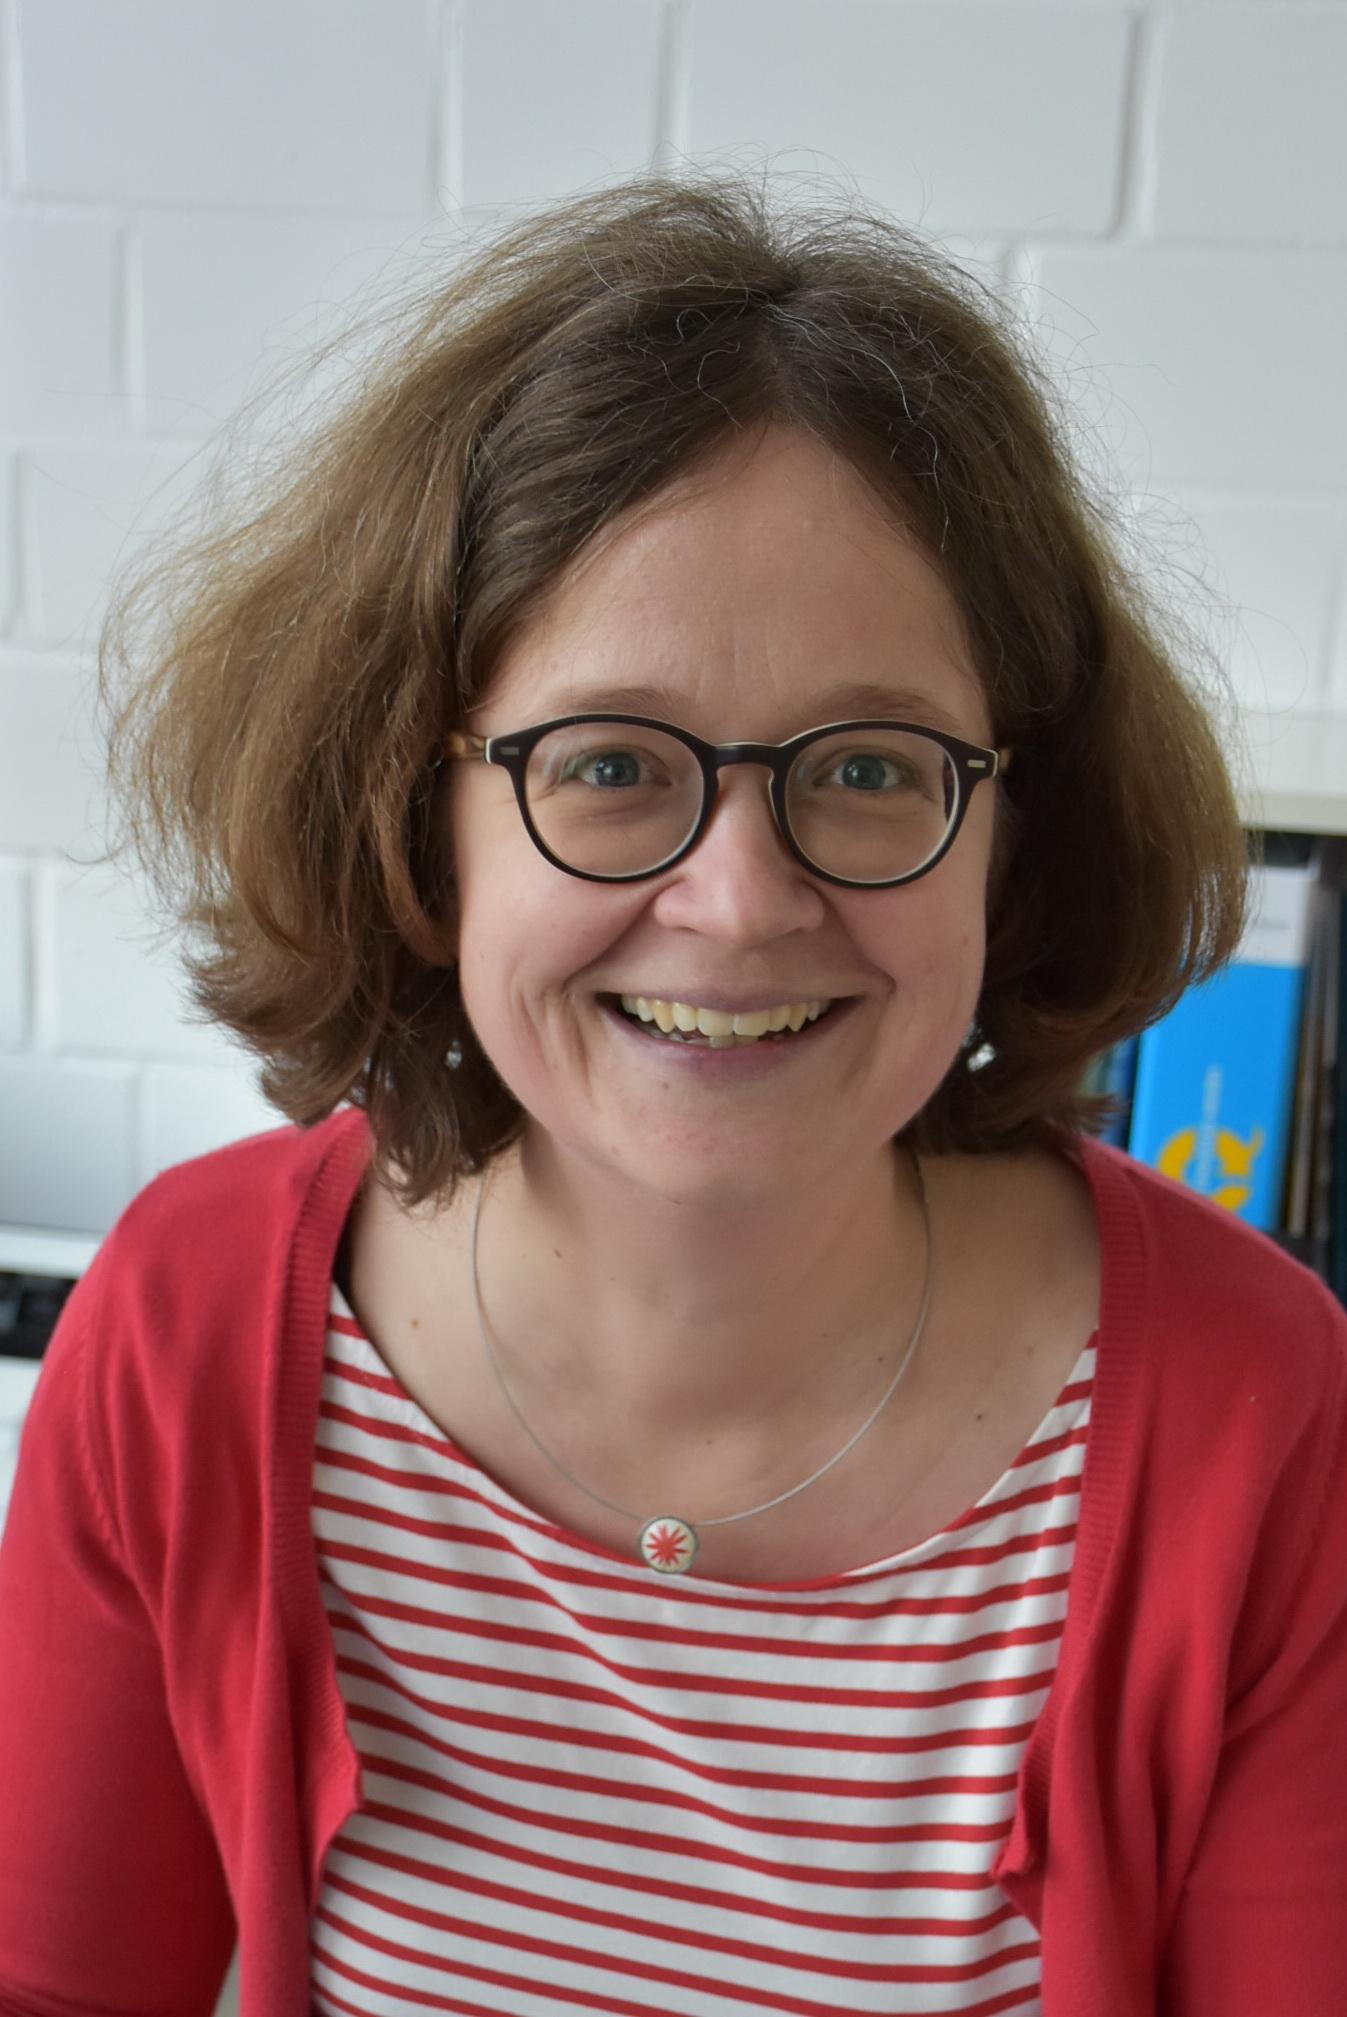 Simone Kassenbrock